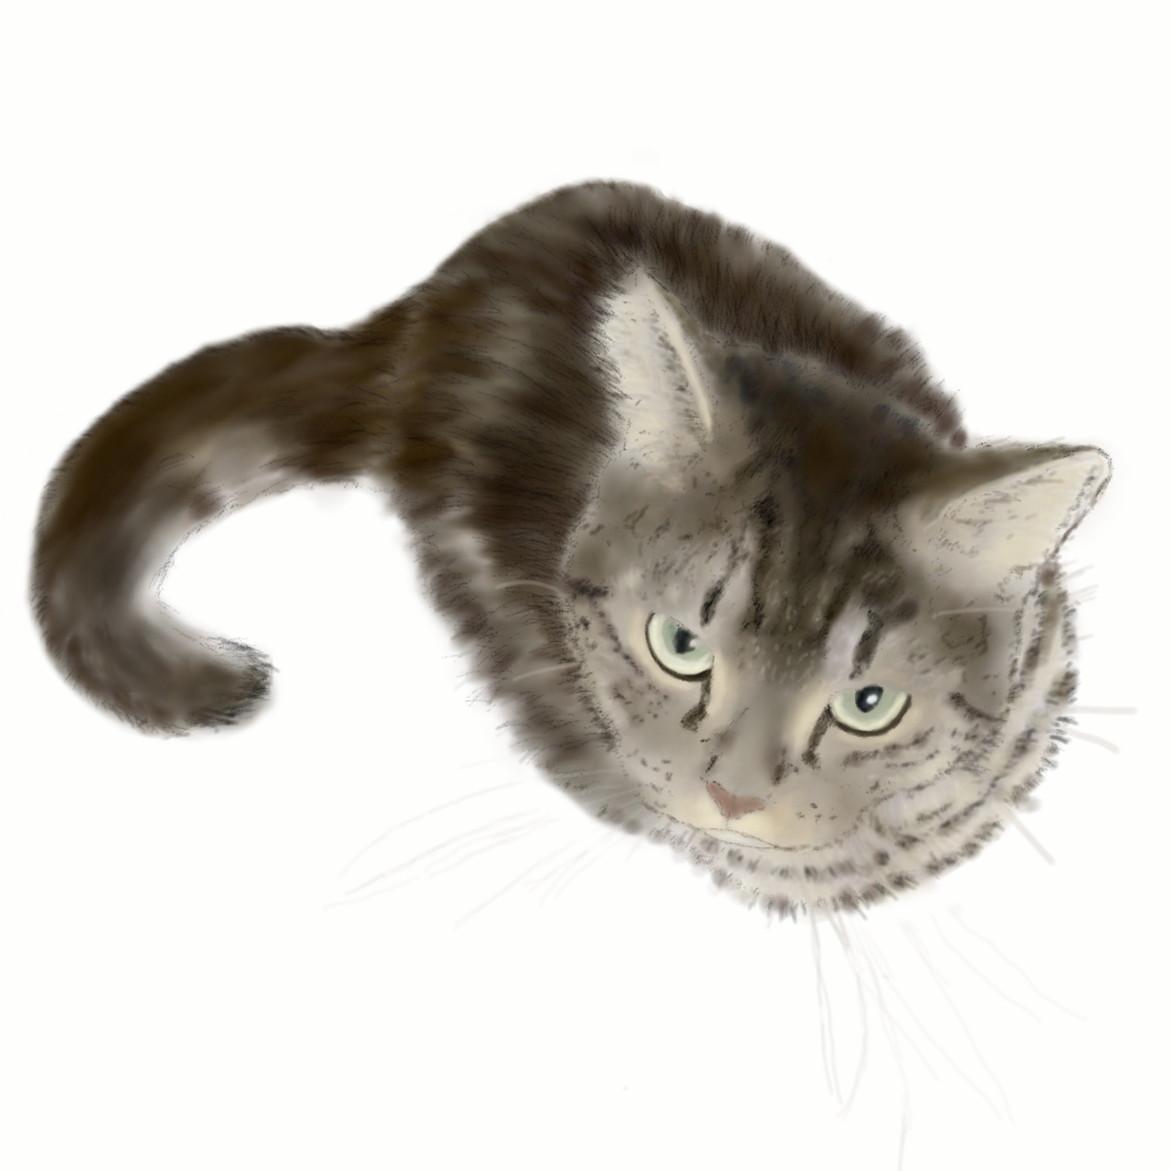 絵画 インテリア アートパネル 雑貨 壁掛け 置物 おしゃれ 猫 動物 デジタルアート ロココロ 画家 : rune 作品 : ぼくとあそんで